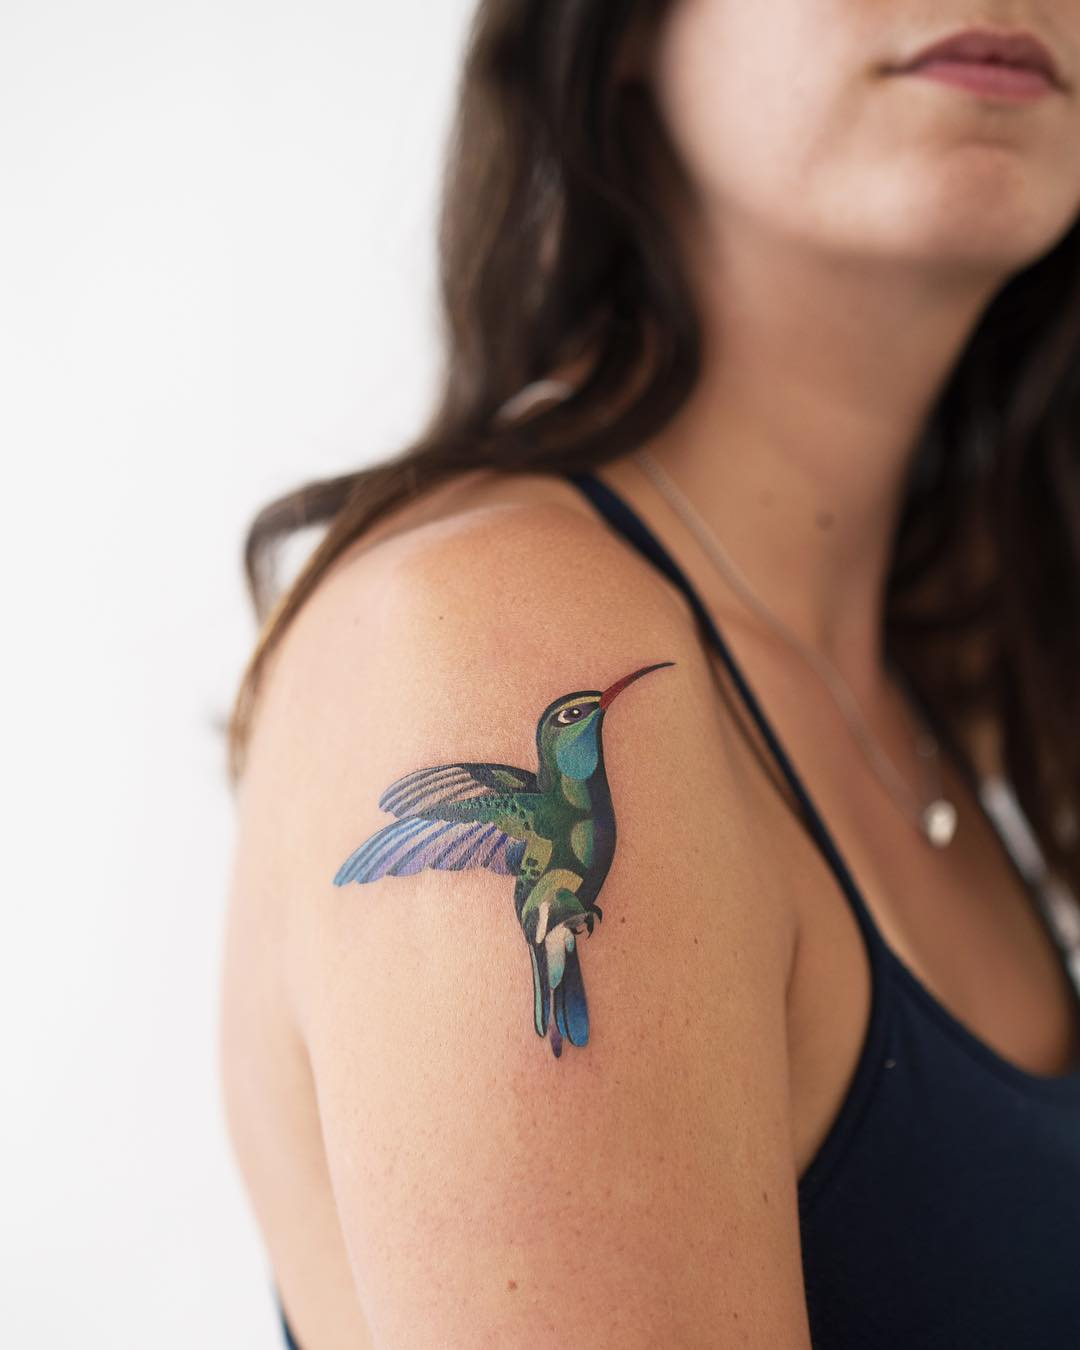 Hummingbird tattoo by Rey Jasper